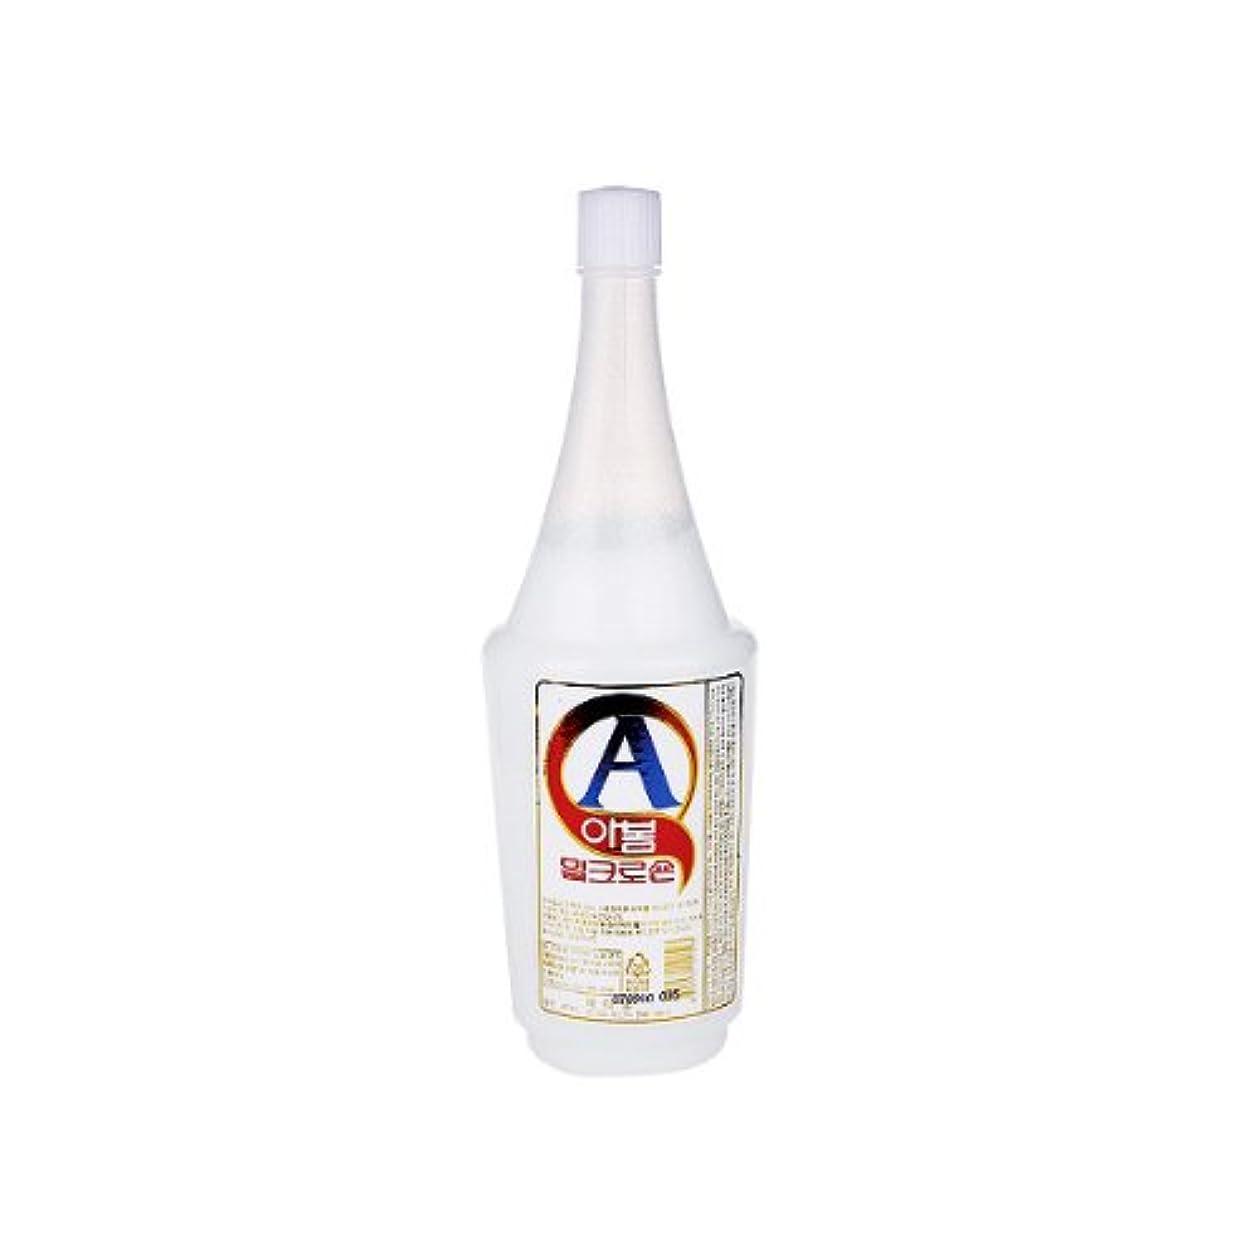 インストール政治家召喚するアボム ミルクローション 450ml マッサージ用 乳液 業務用